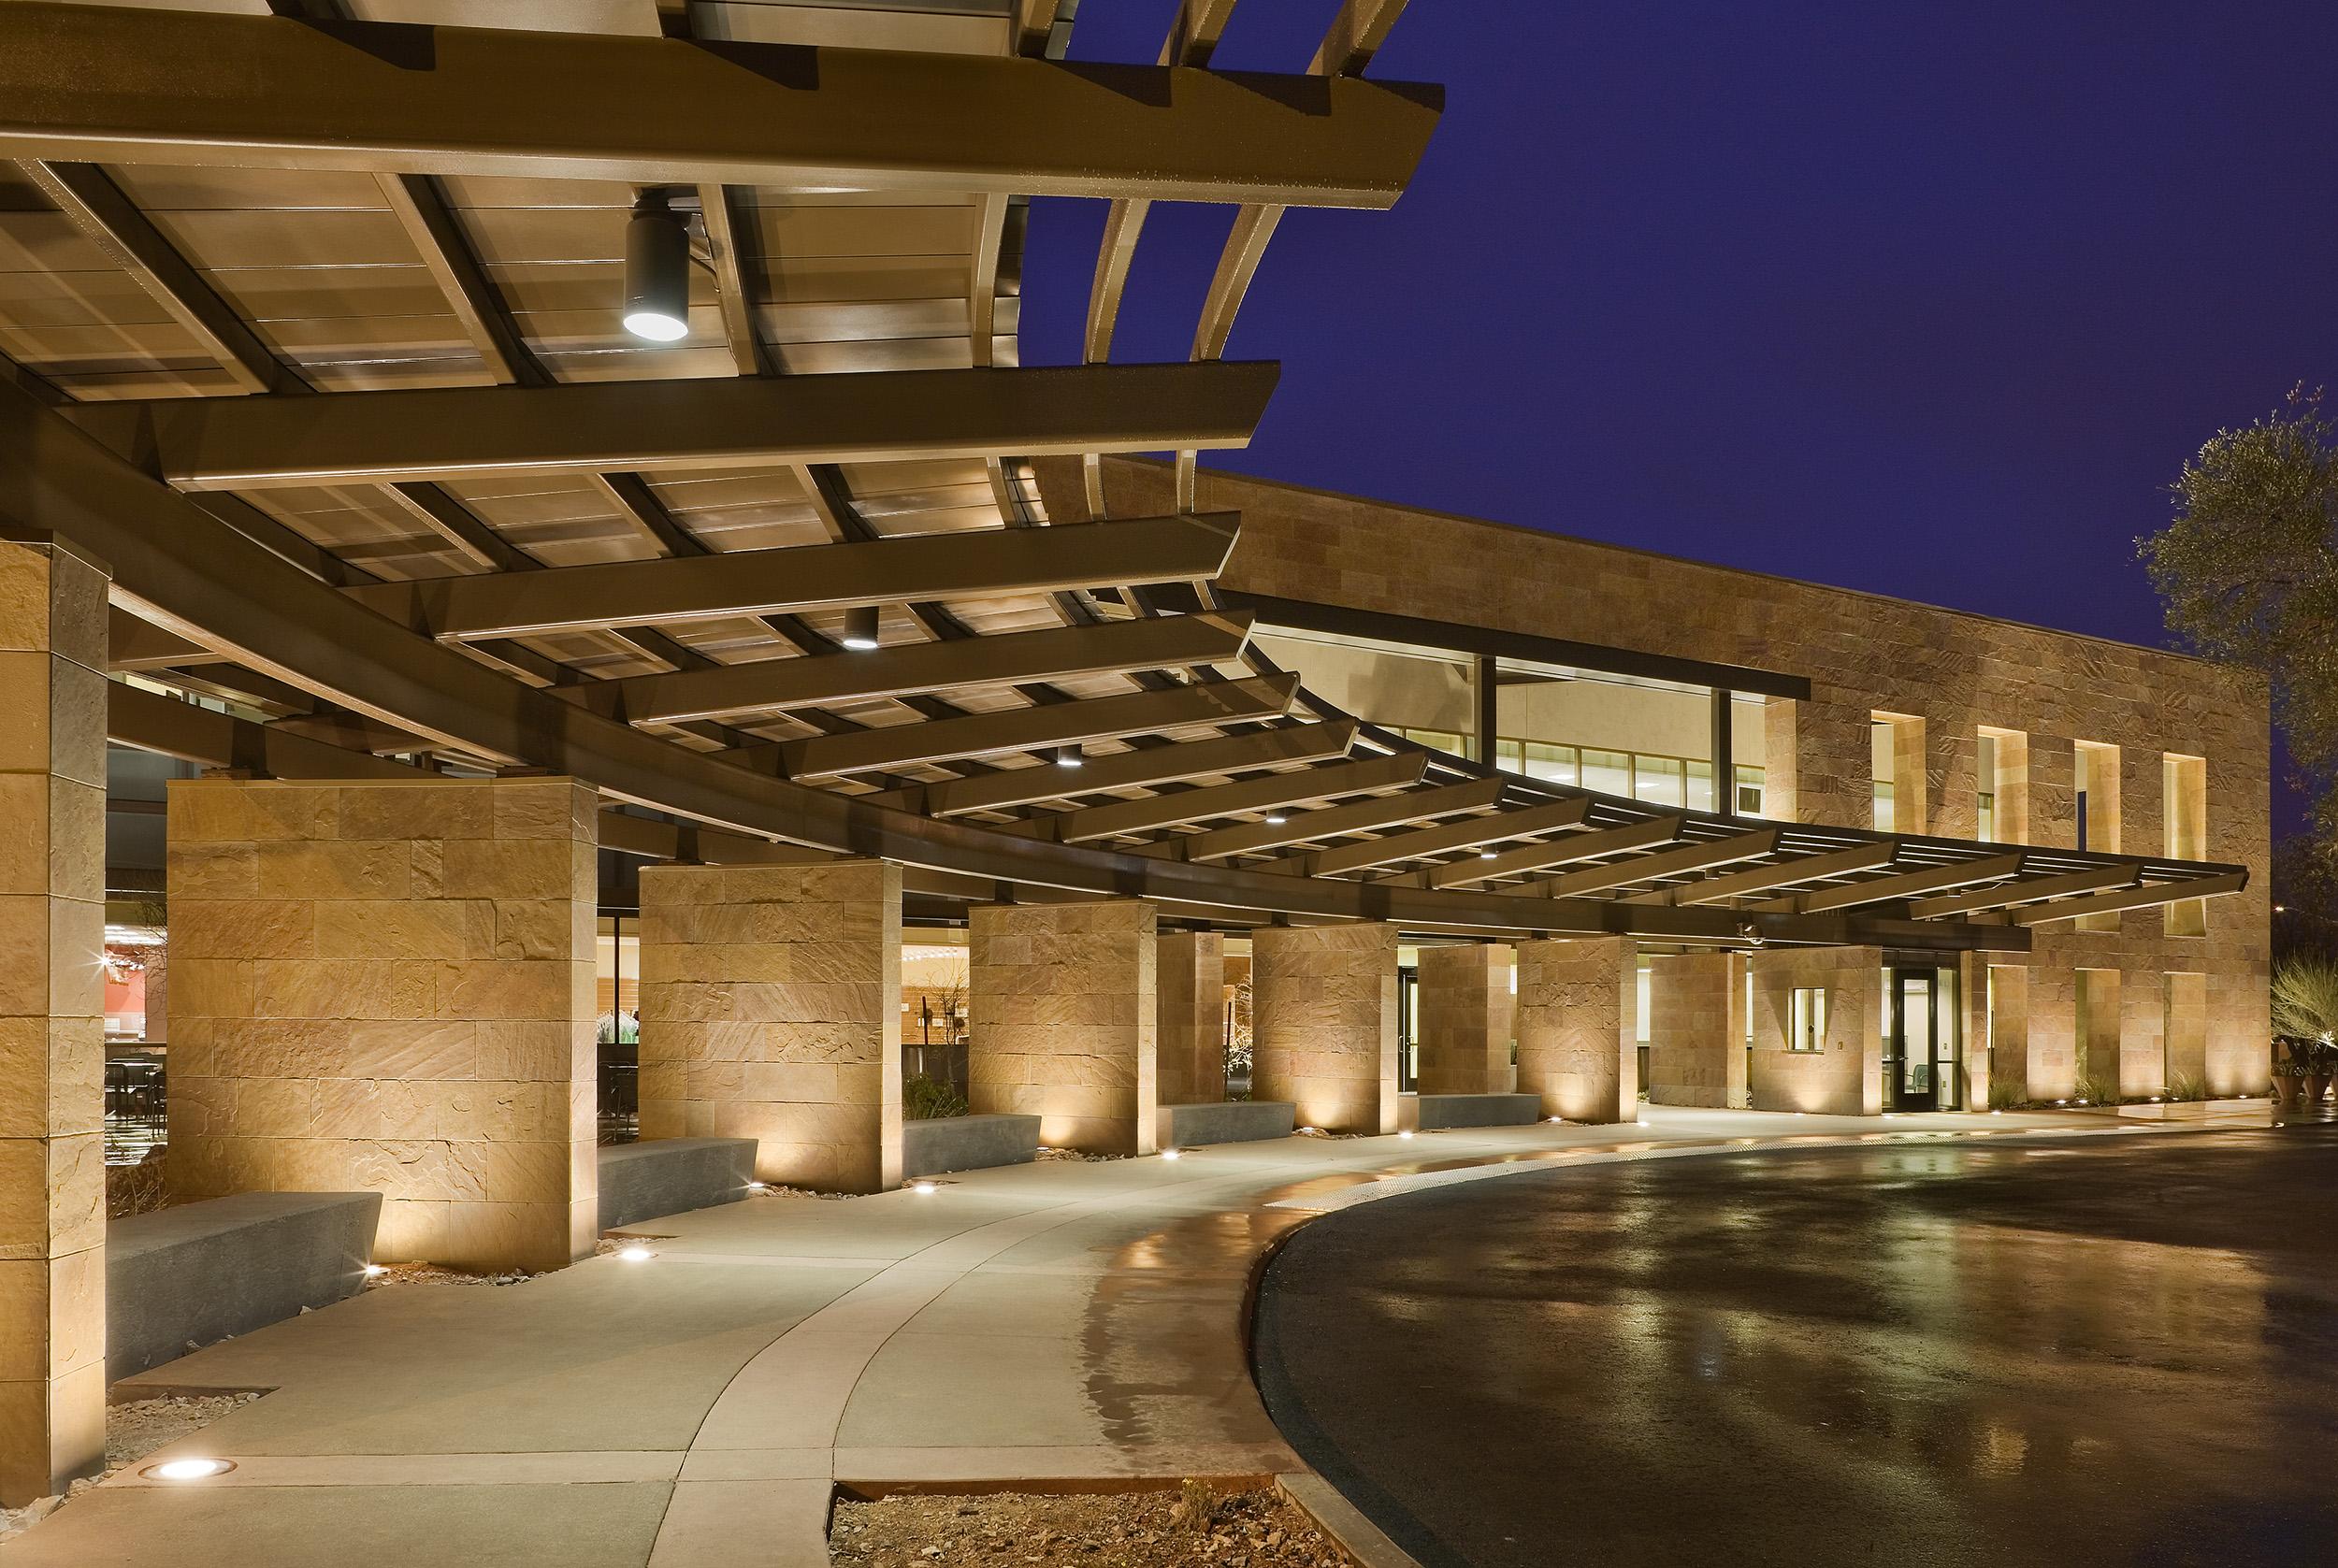 UNIVERSITY OF ARIZONA CANCER CENTER   Tucson, Arizona